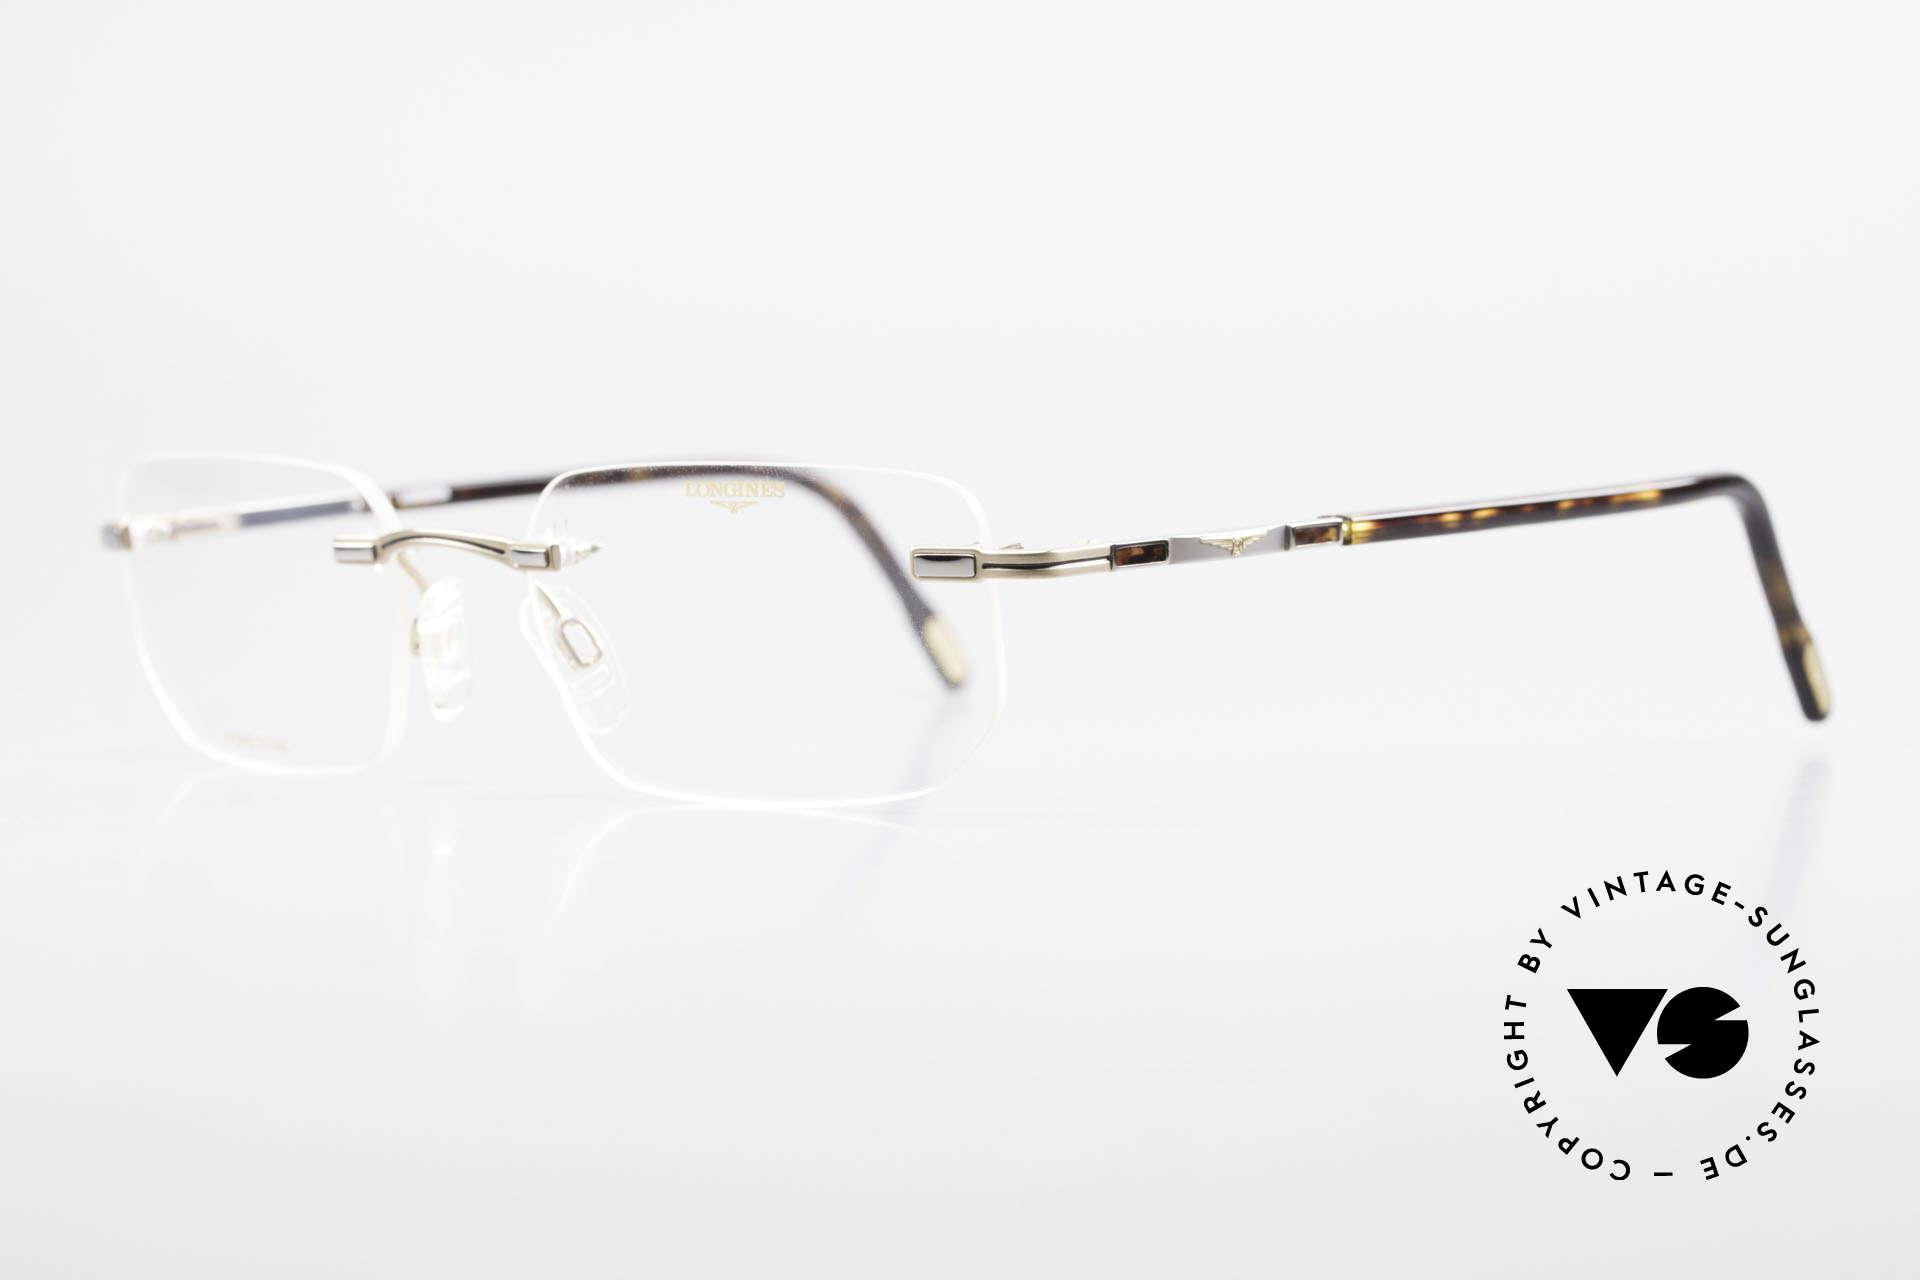 Longines 4238 90er Randlosbrille Pure Titan, ein zeitloses altes Original in titan/gold und schildpatt, Passend für Herren